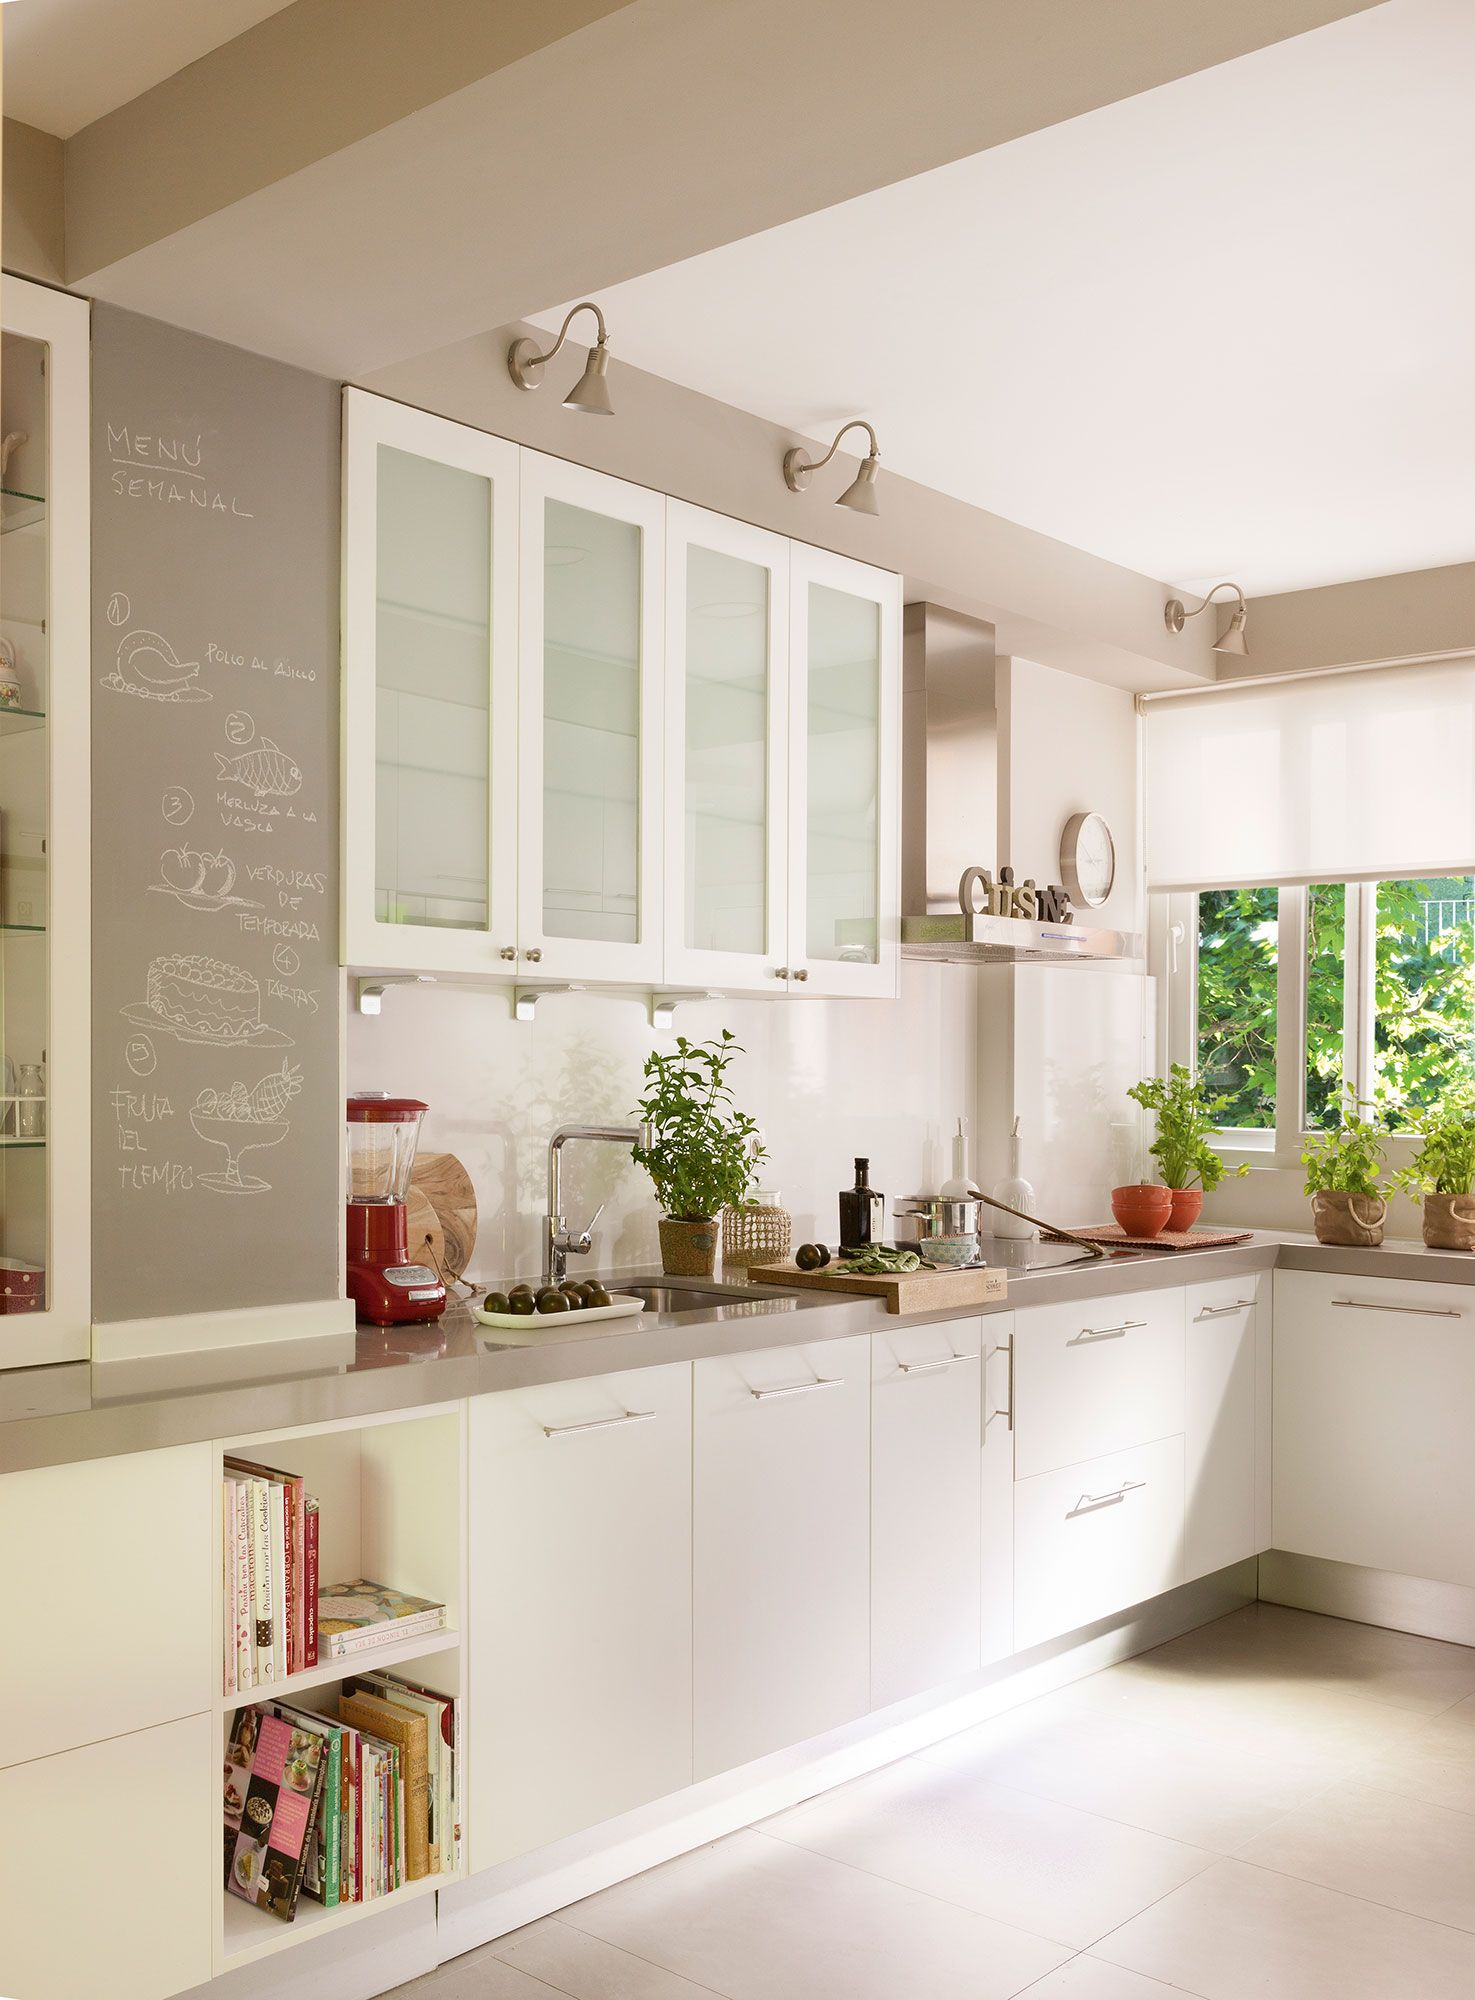 Comedor-office con bancos separado por la cocina por un cristal ...